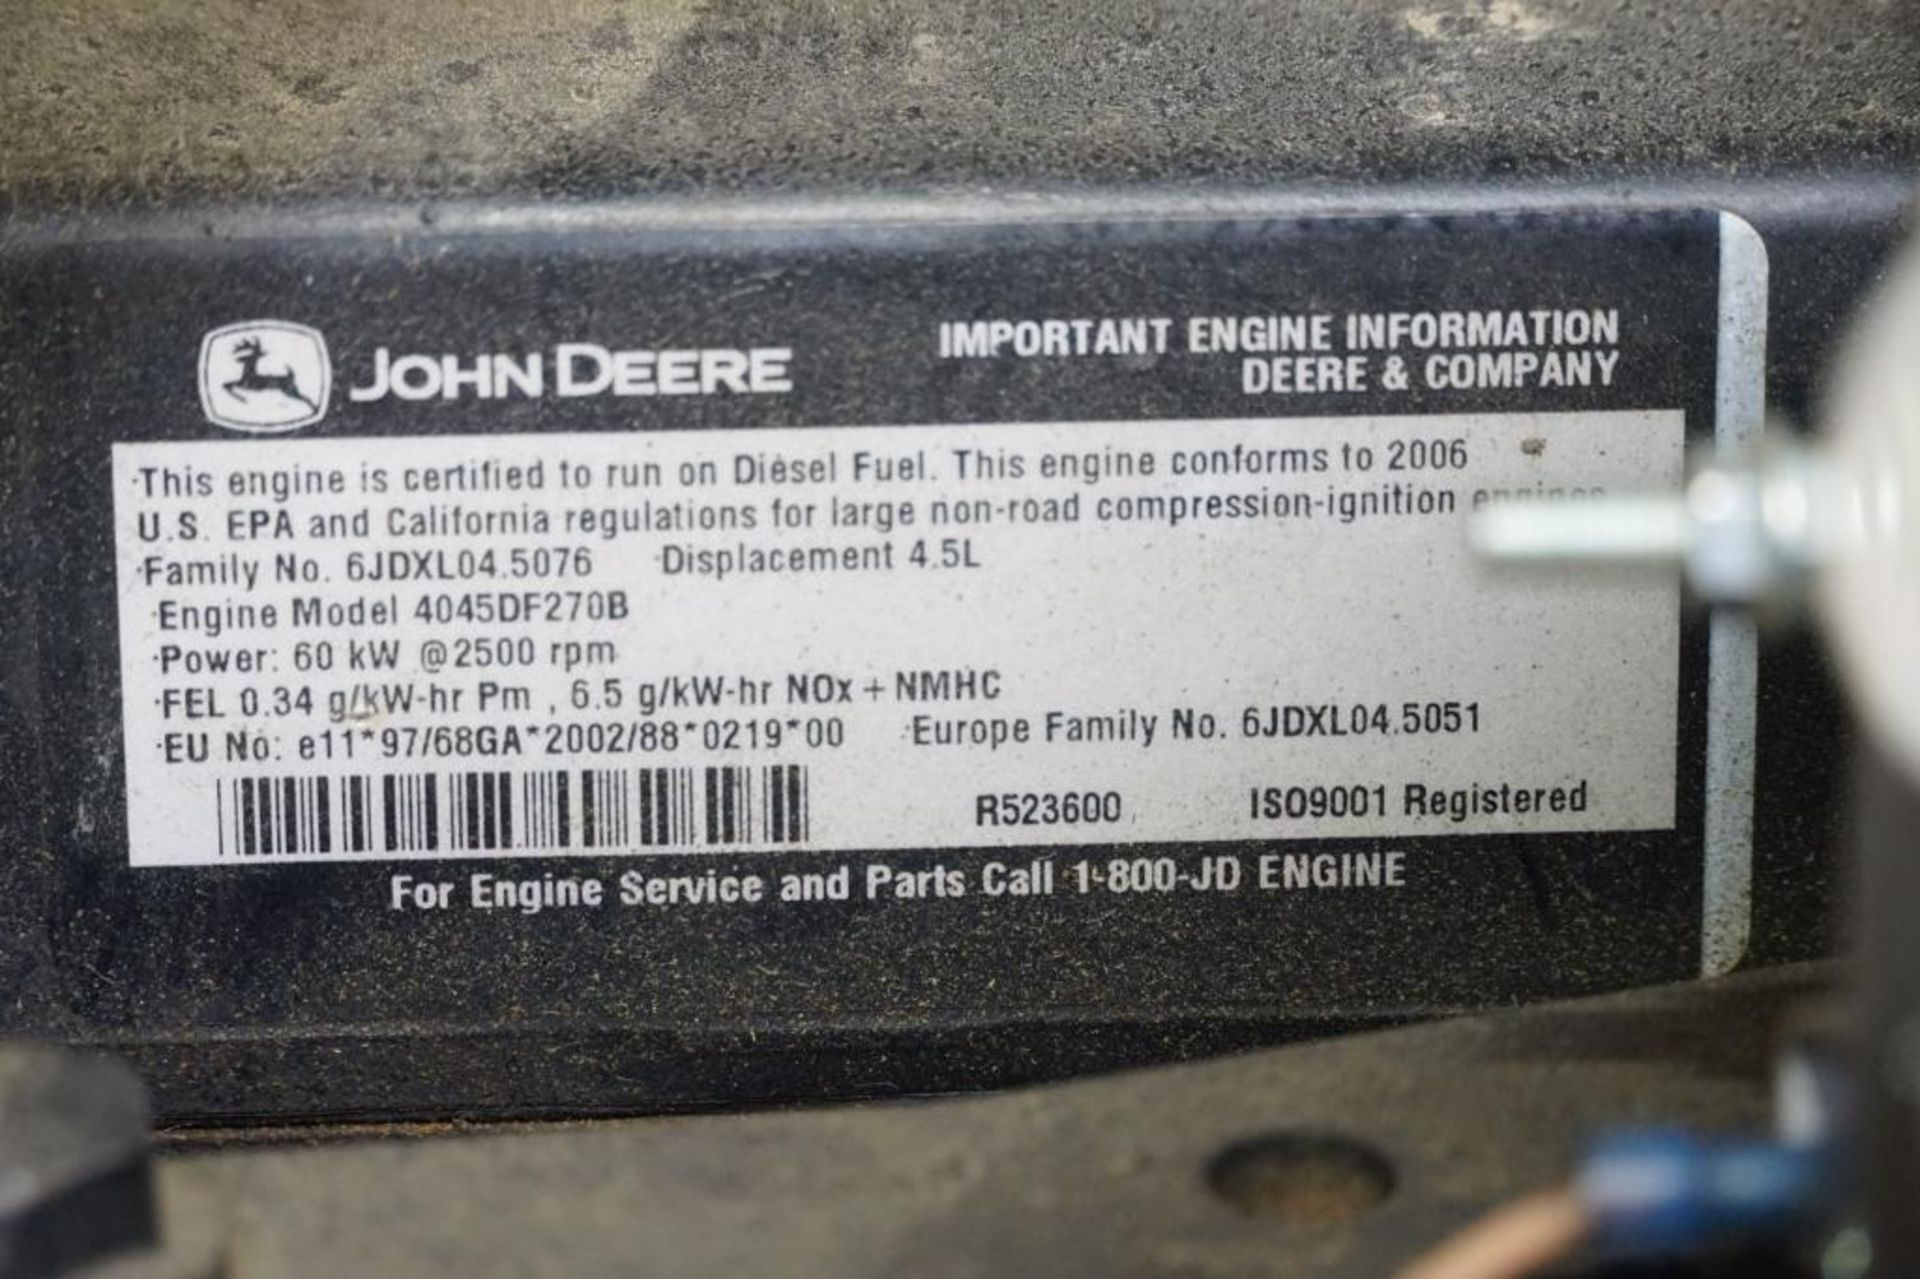 John Deere Diesel - Image 5 of 6